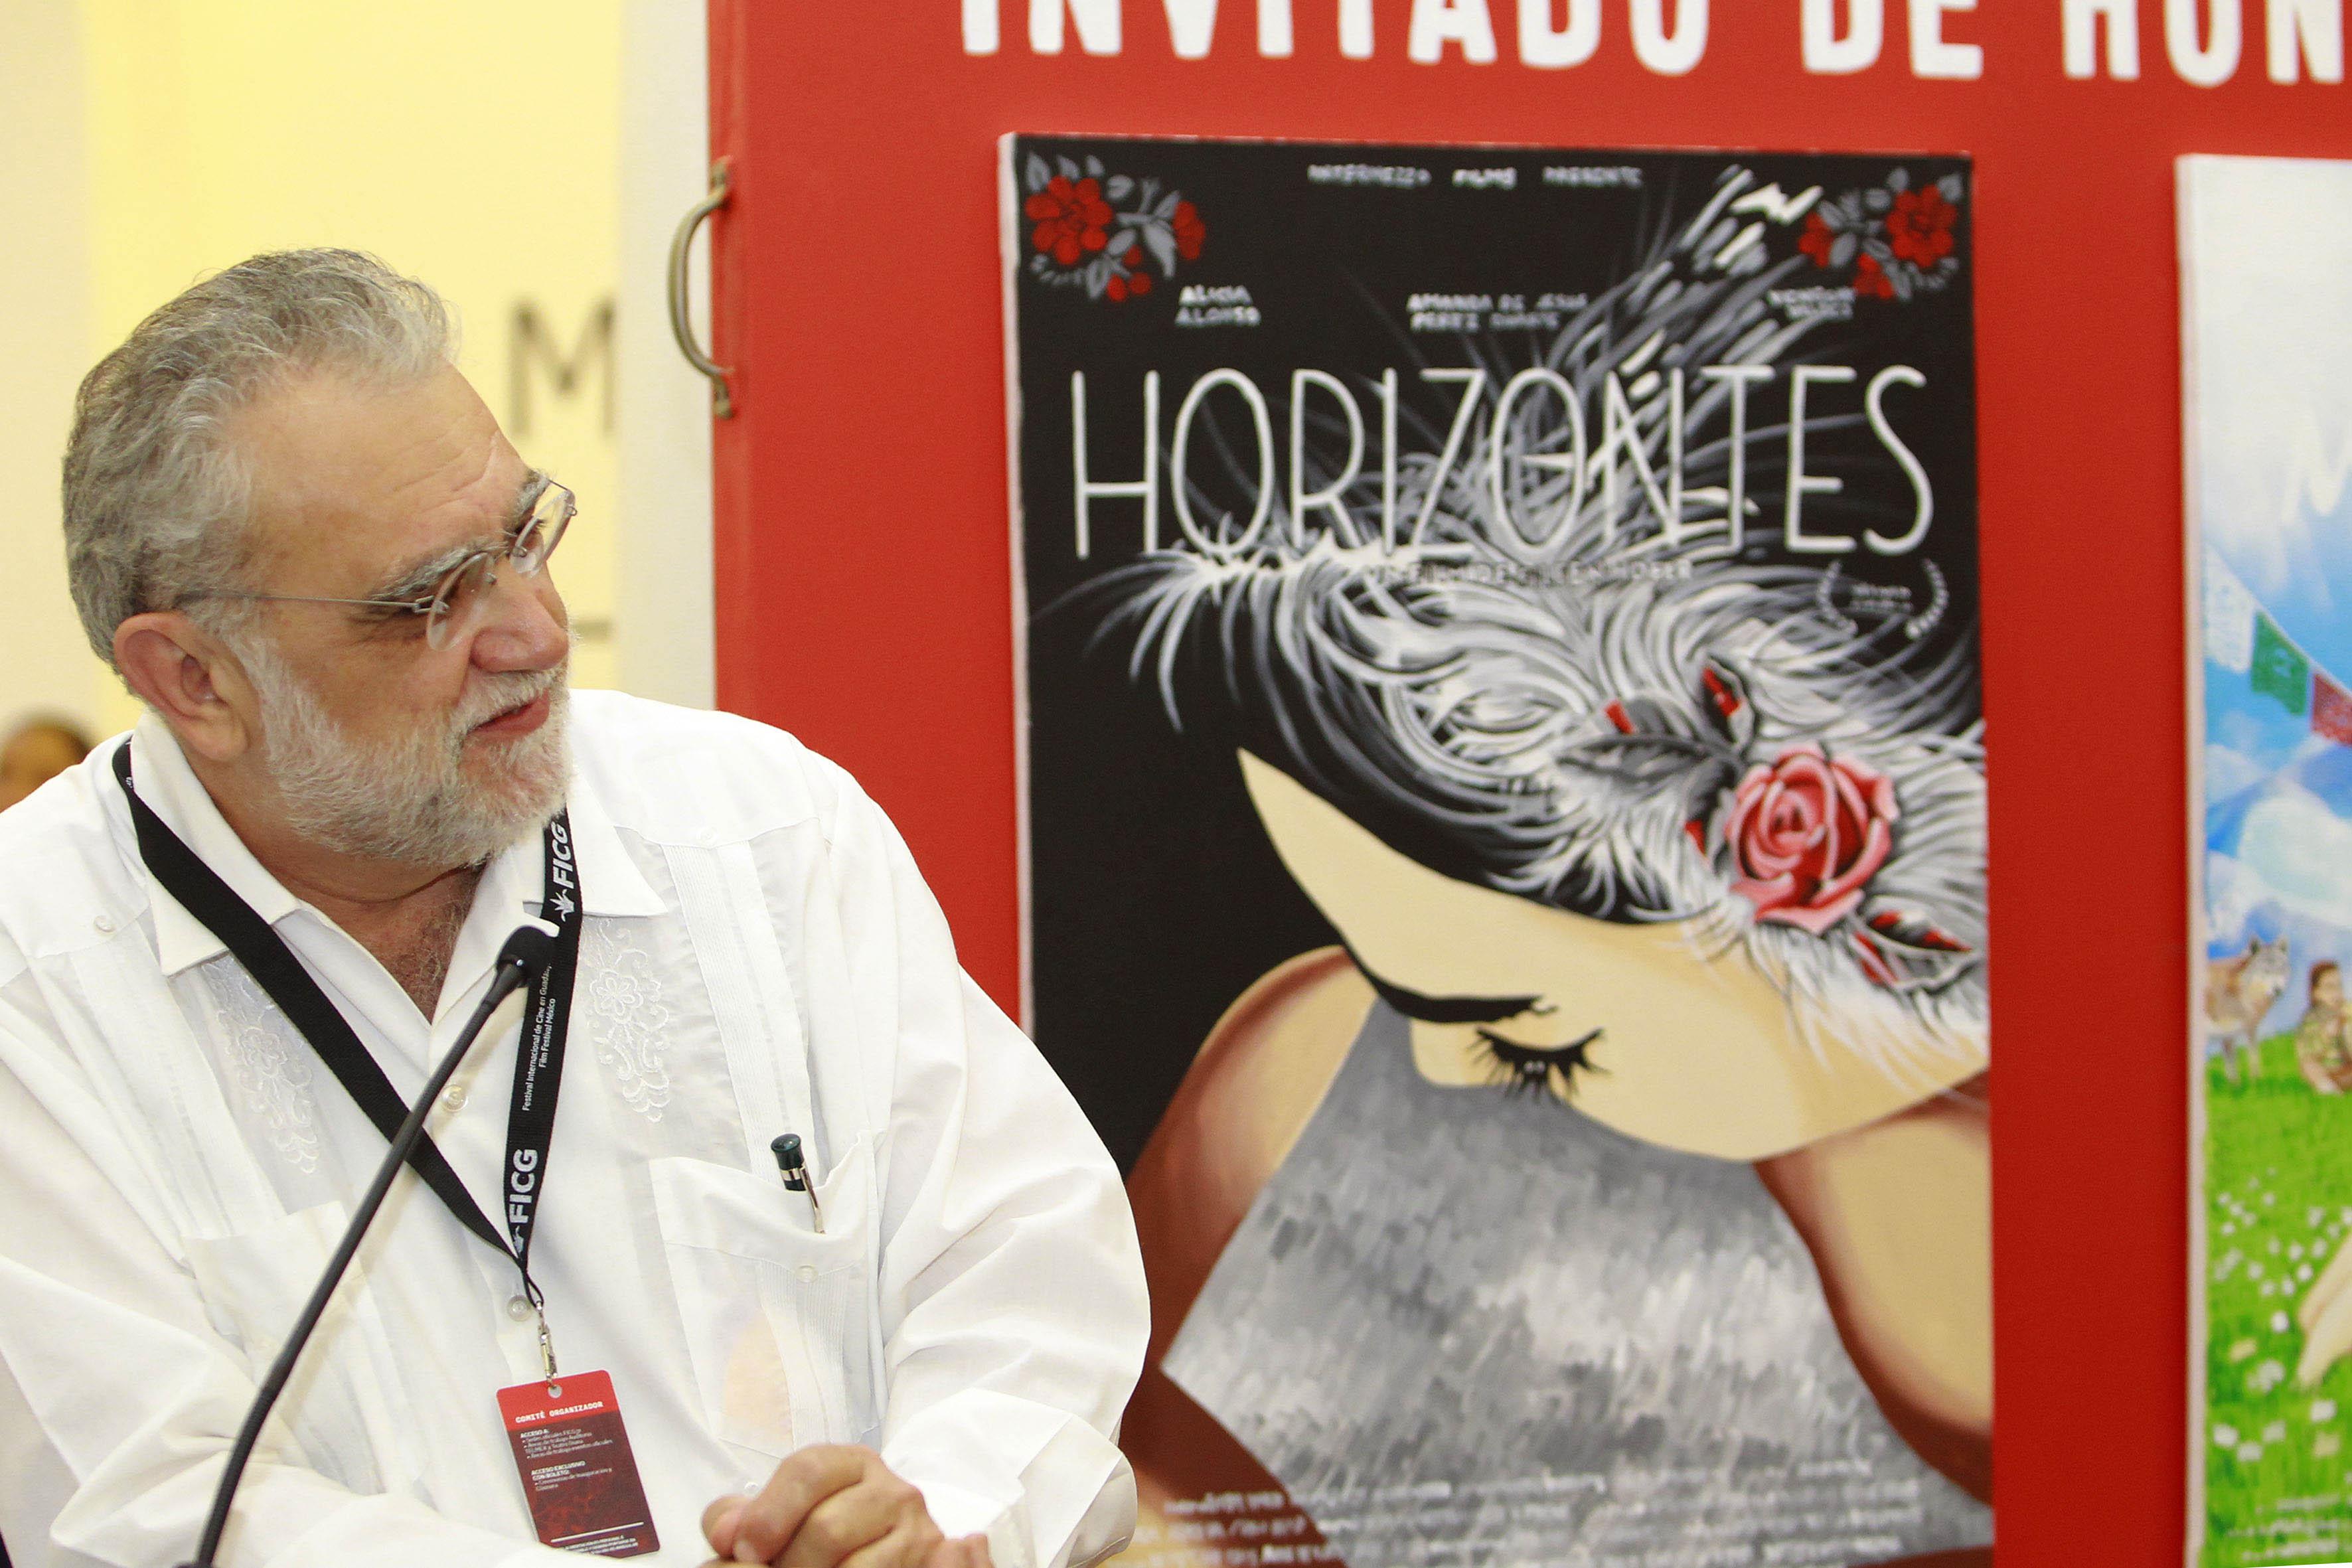 Director del FICG, biólogo Iván Trujillo durante la ceremonia de acto inaugural  del Mercado de Cine del Festival Internacional de Cine en Guadalajara (FICG)